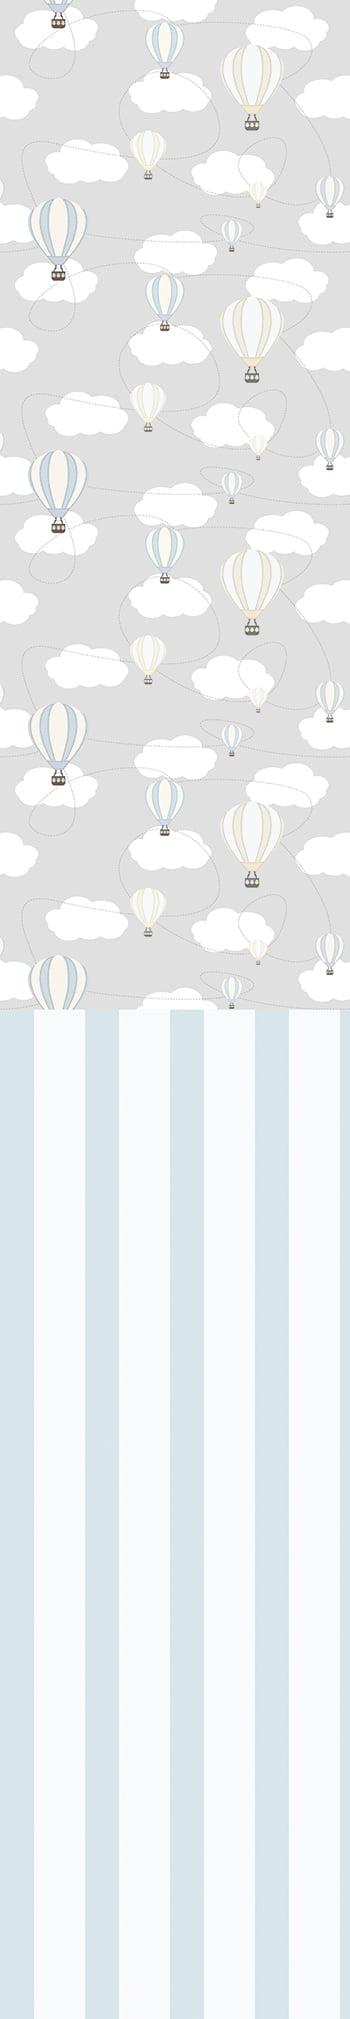 Rolo Adesivo Balão com Nuvens em cinza e listras azuis